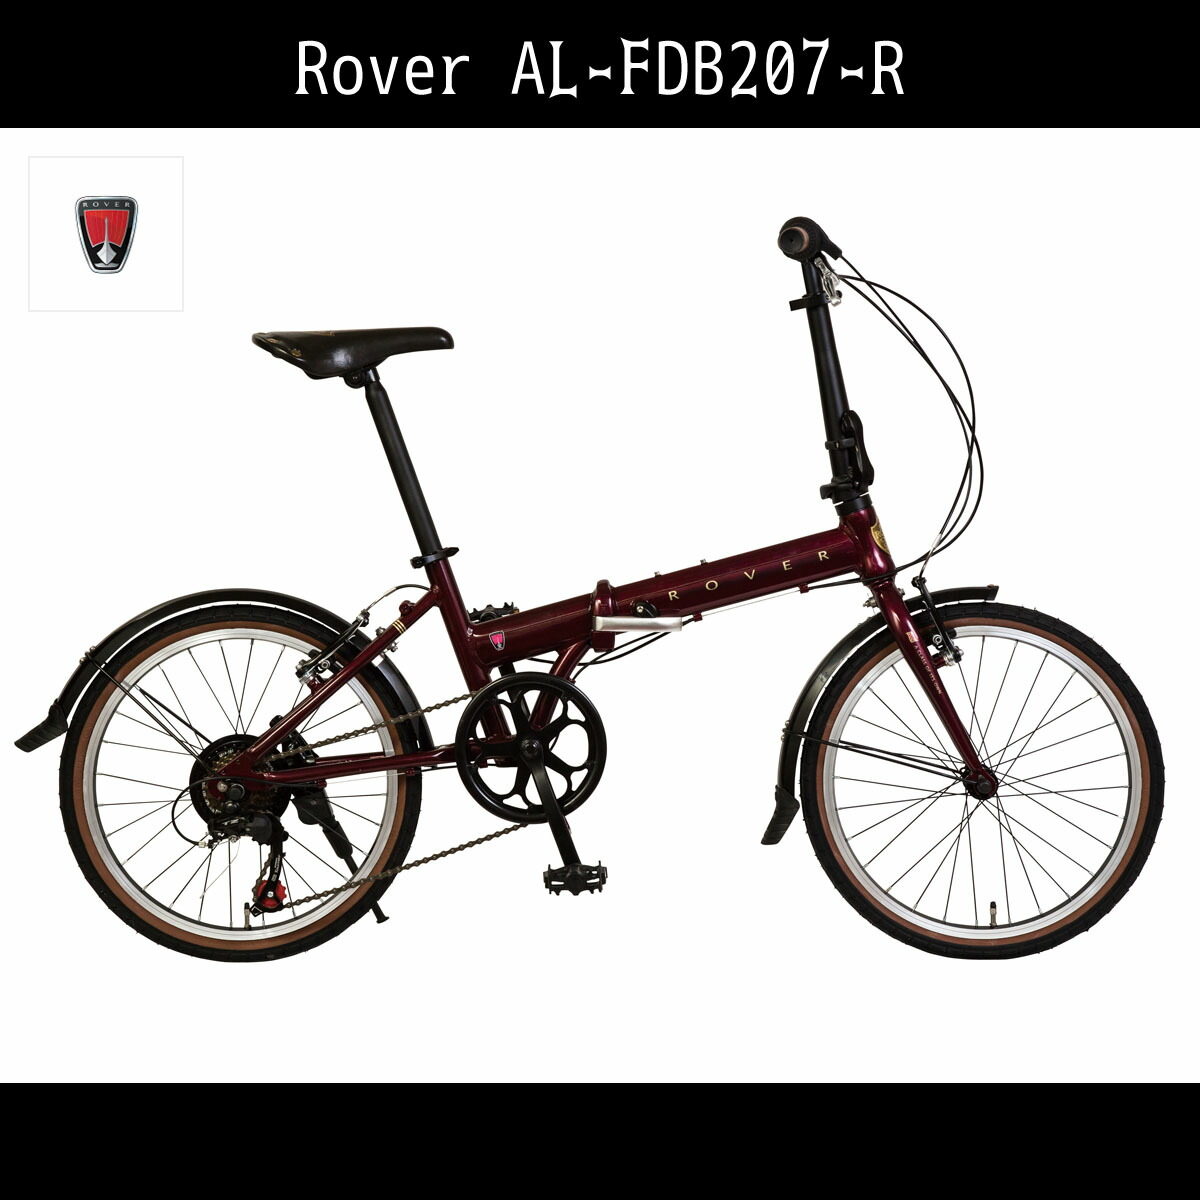 折りたたみ自転車 ローバー 自転車 レッド/赤色 自転車20インチ 折りたたみ自転車 外装7段変速ギア アルミ Rover 自転車 AL-FDB207-R アルミニウム